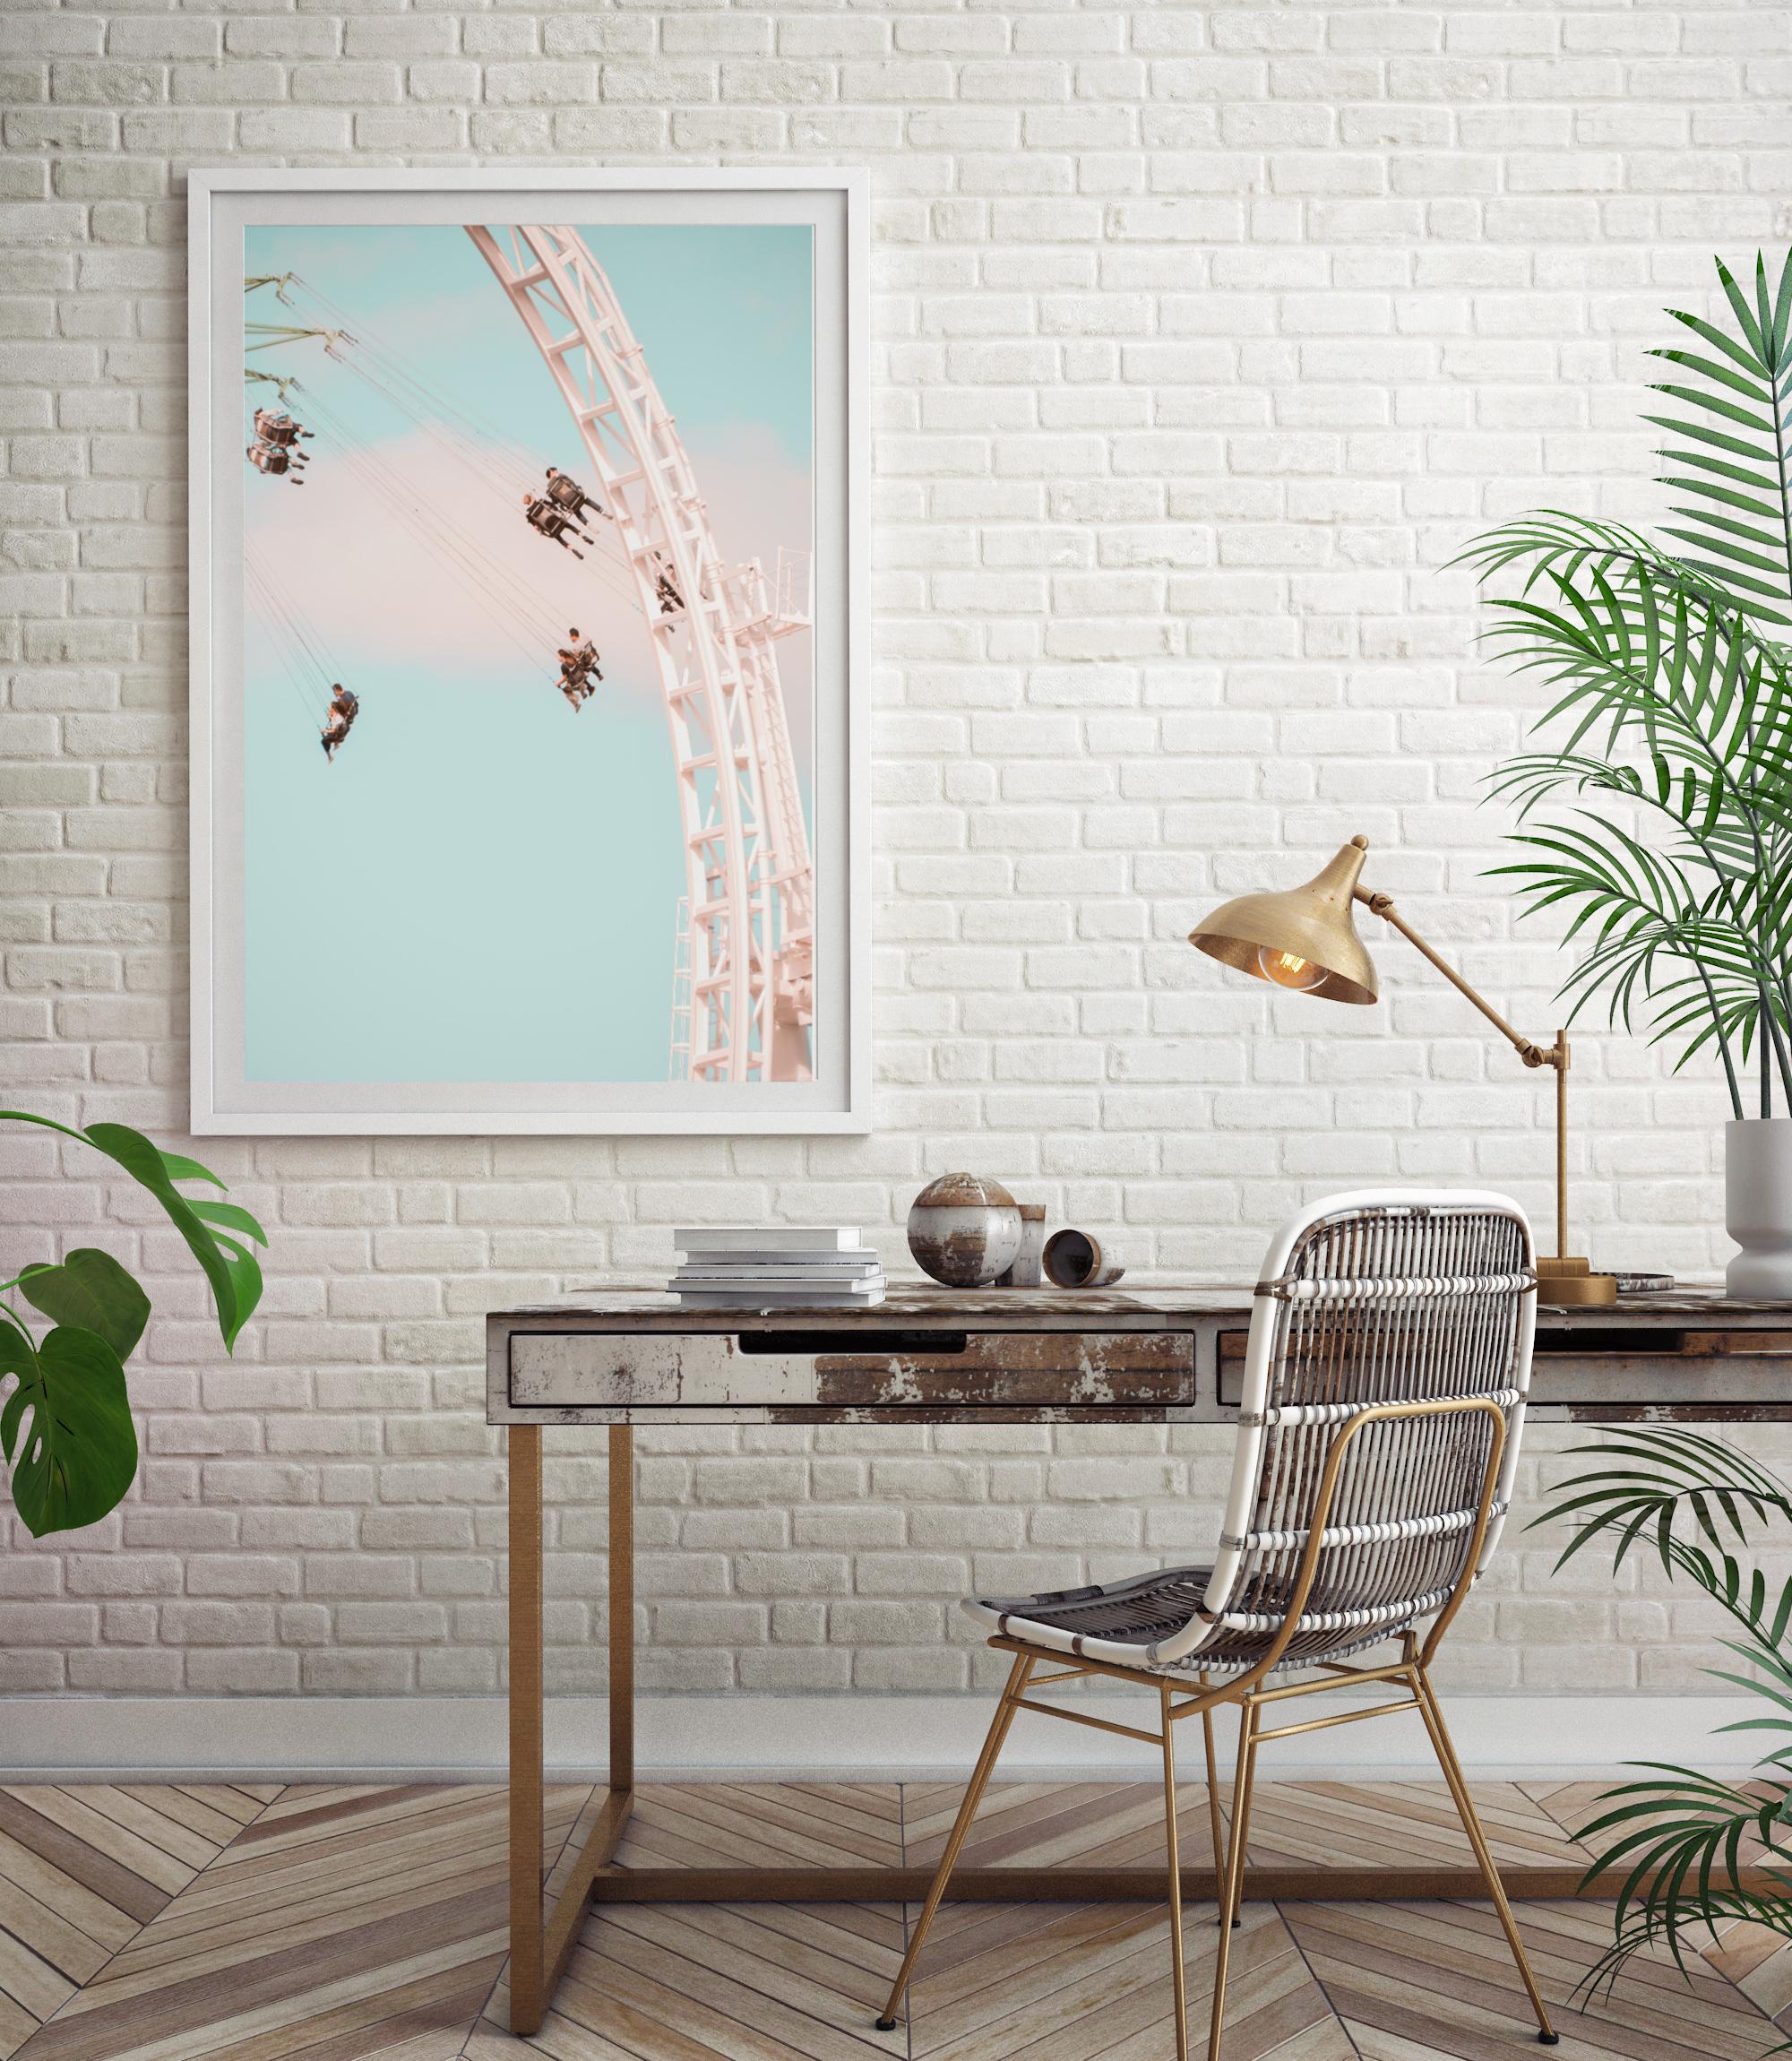 Swing ride carousel wall print